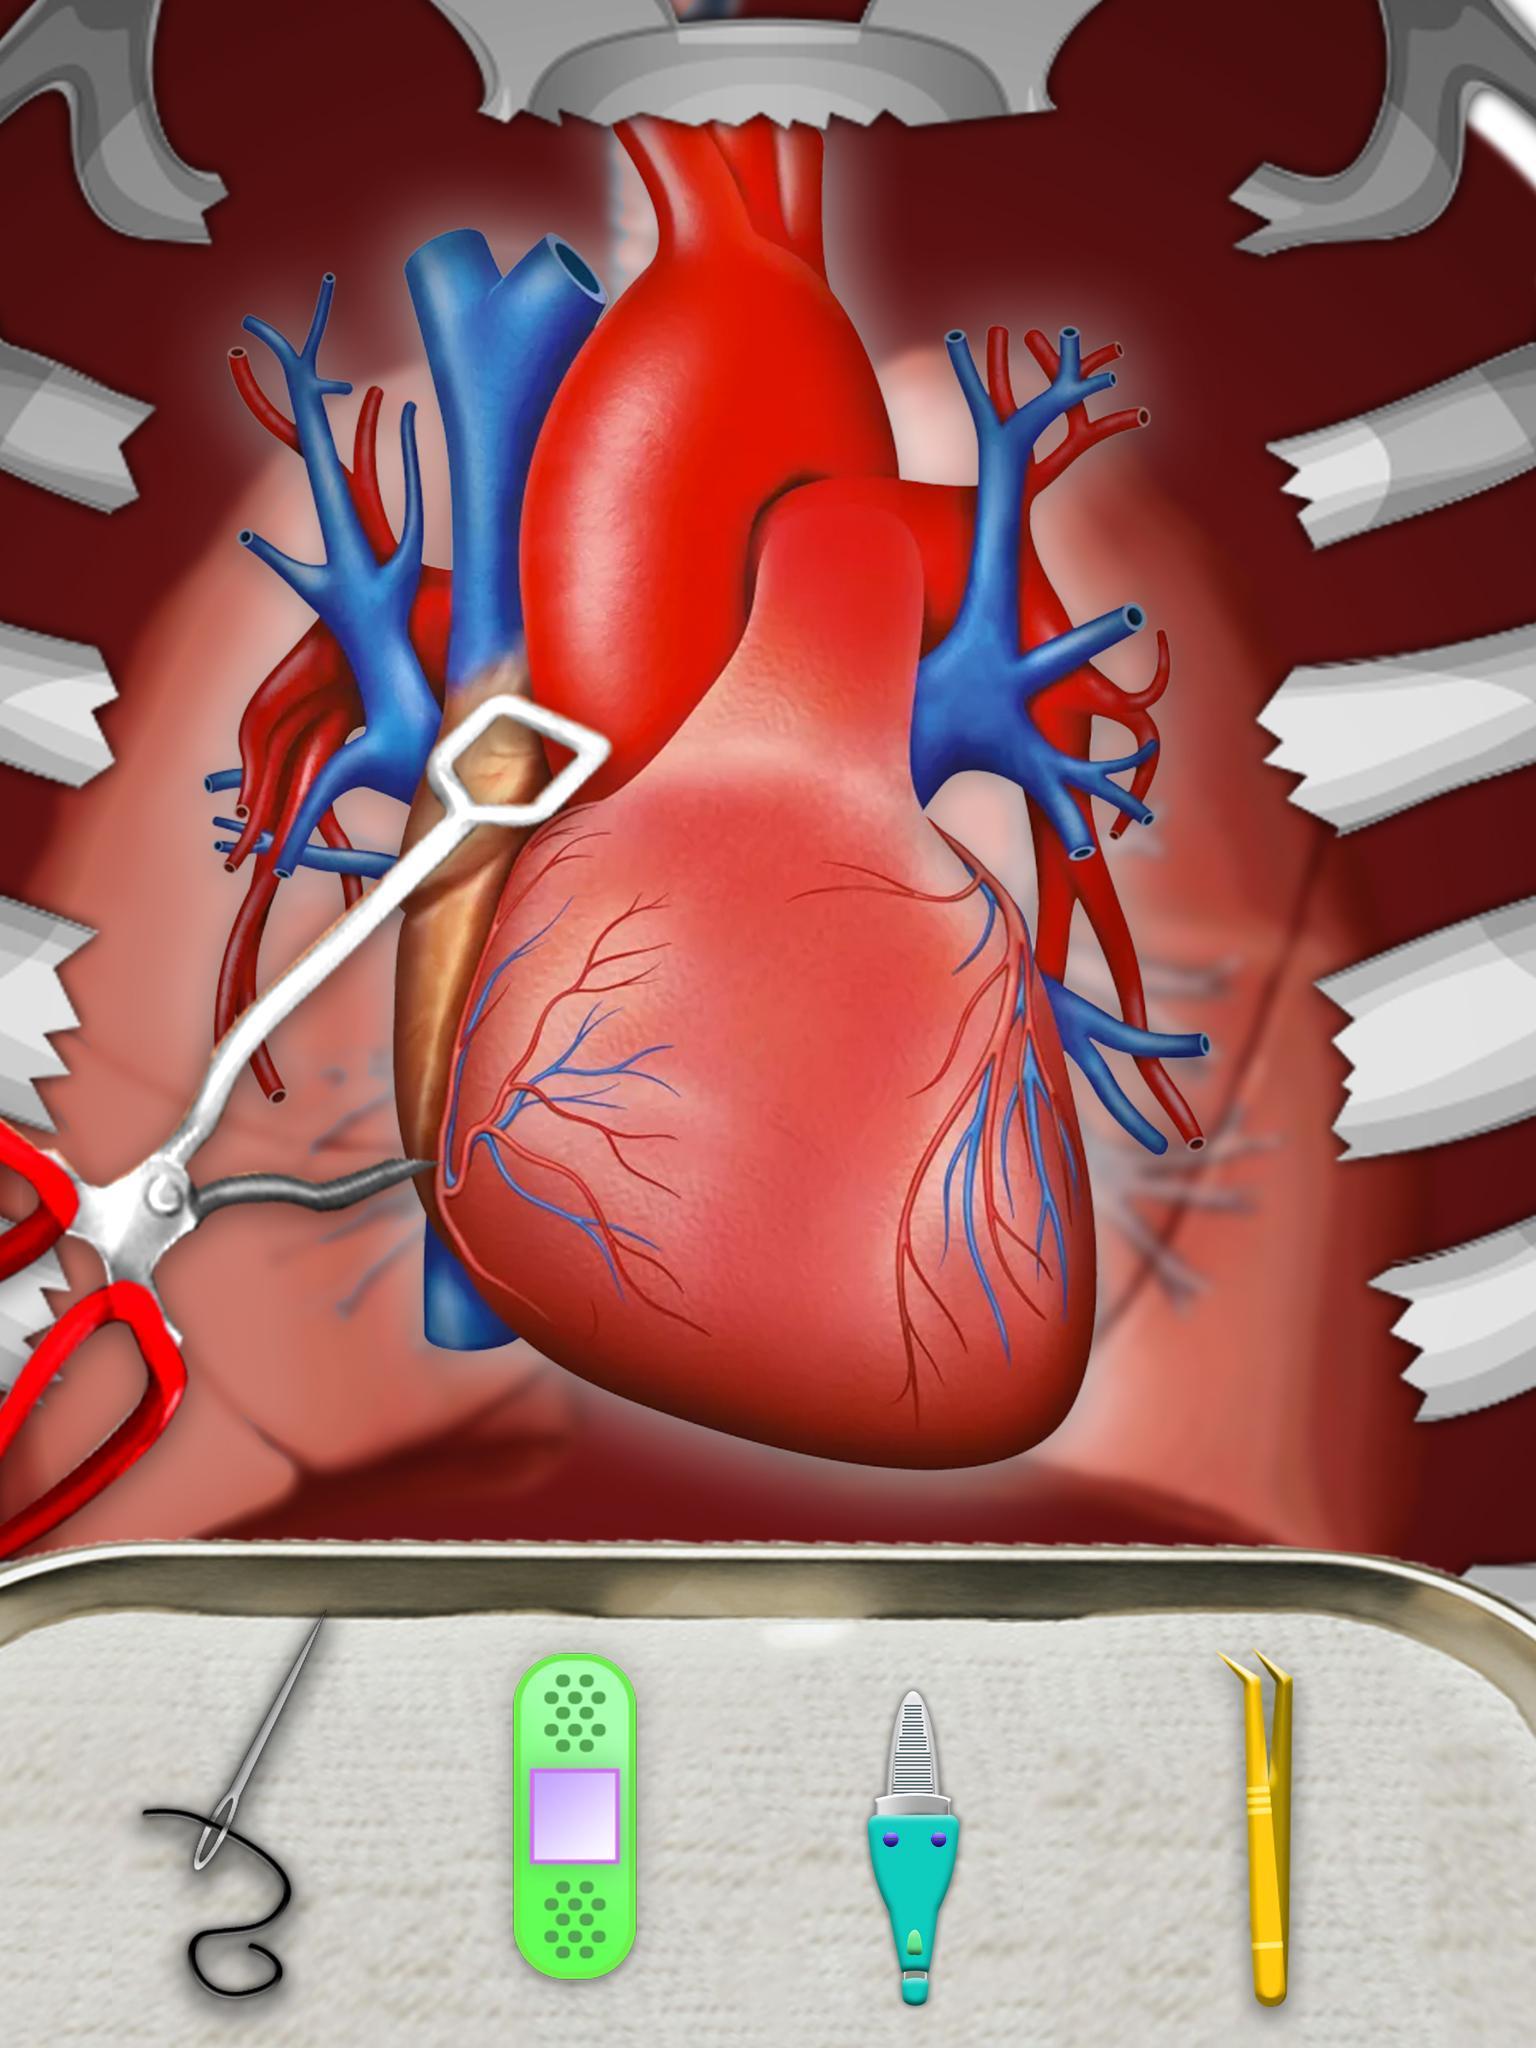 Er Emergency Hospital Doctor Heart